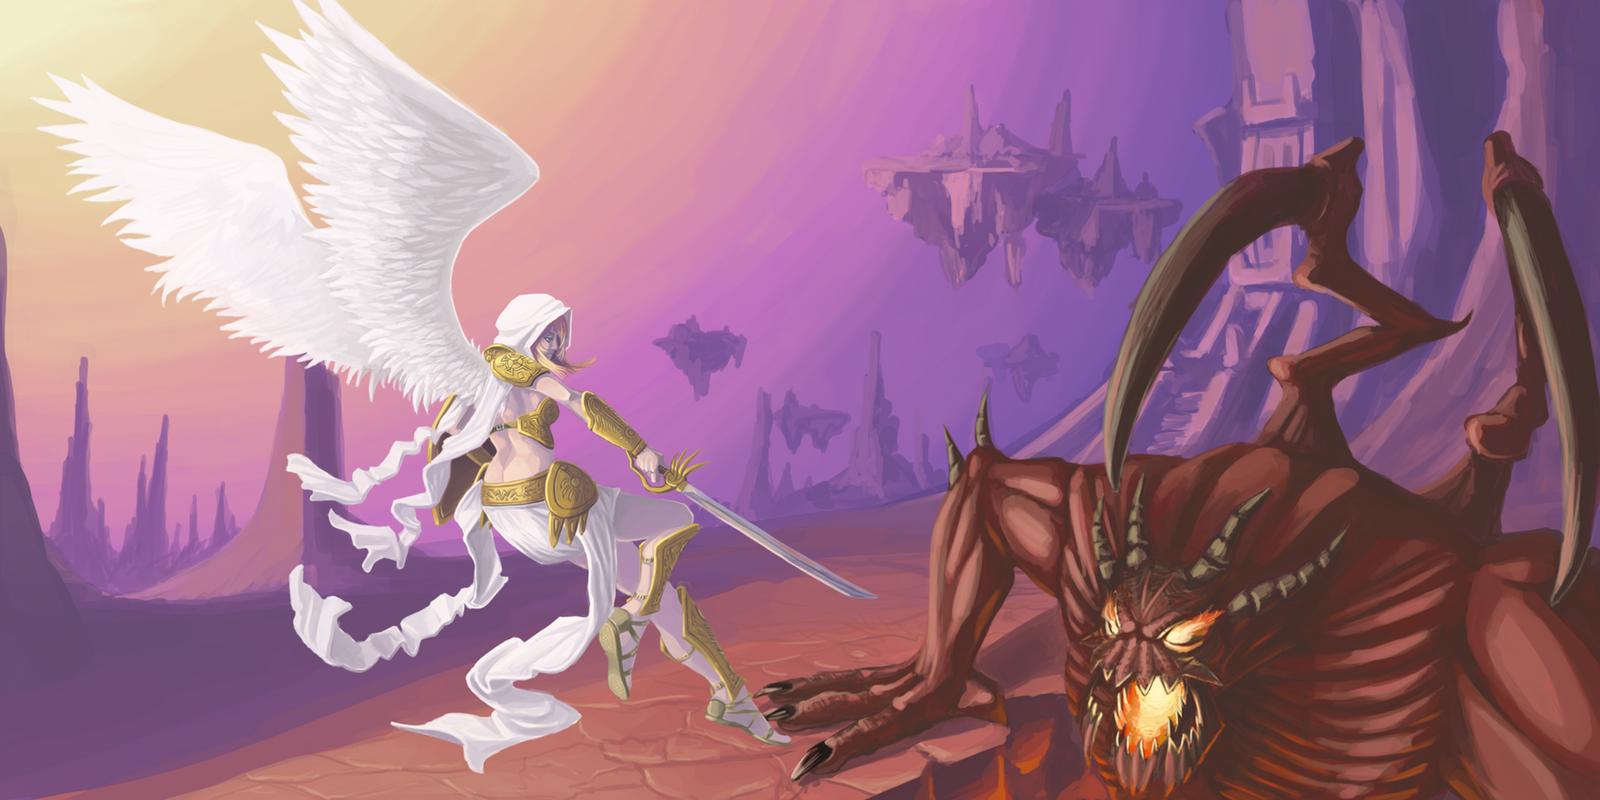 Anime Demons Vs Angels Angel vs demon by shankuAngel Warriors Vs Demons